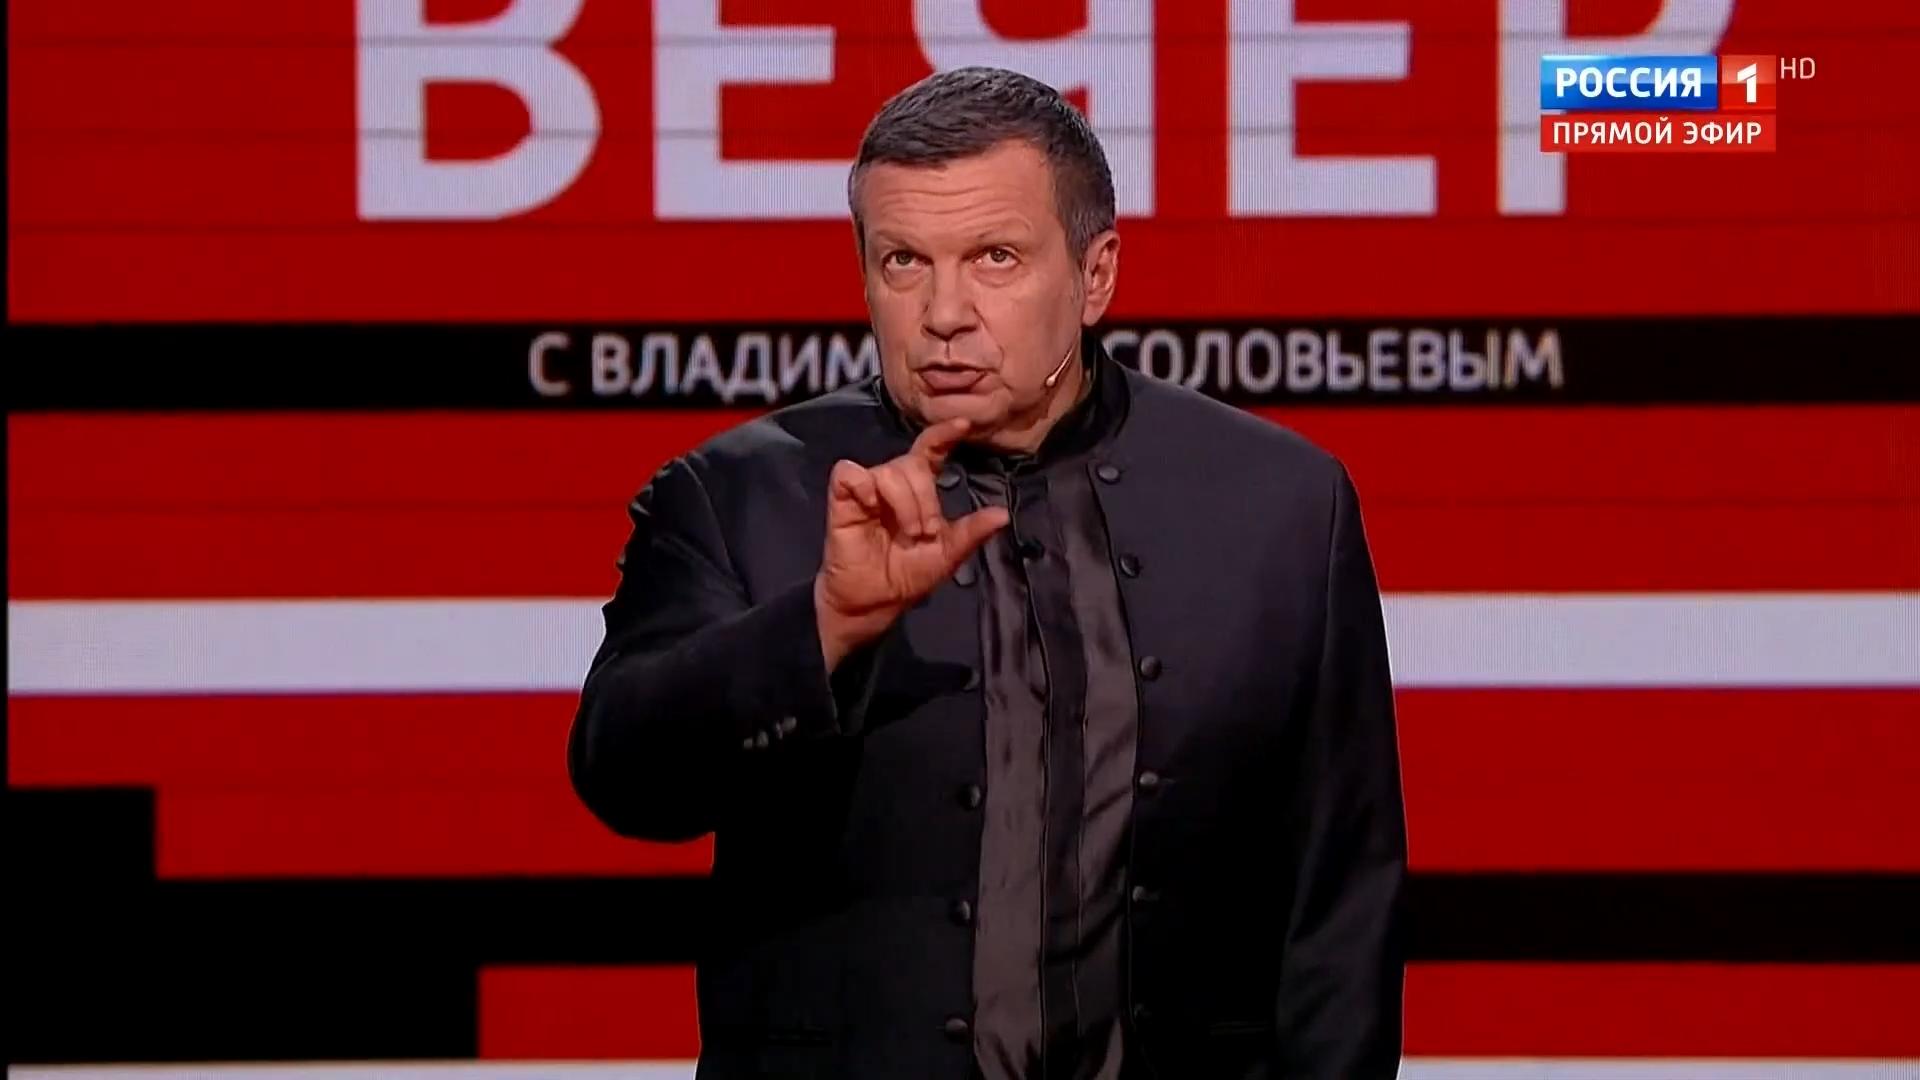 20210406-Вечер с Владимиром Соловьевым. Эфир от 05.04.2021-pic12